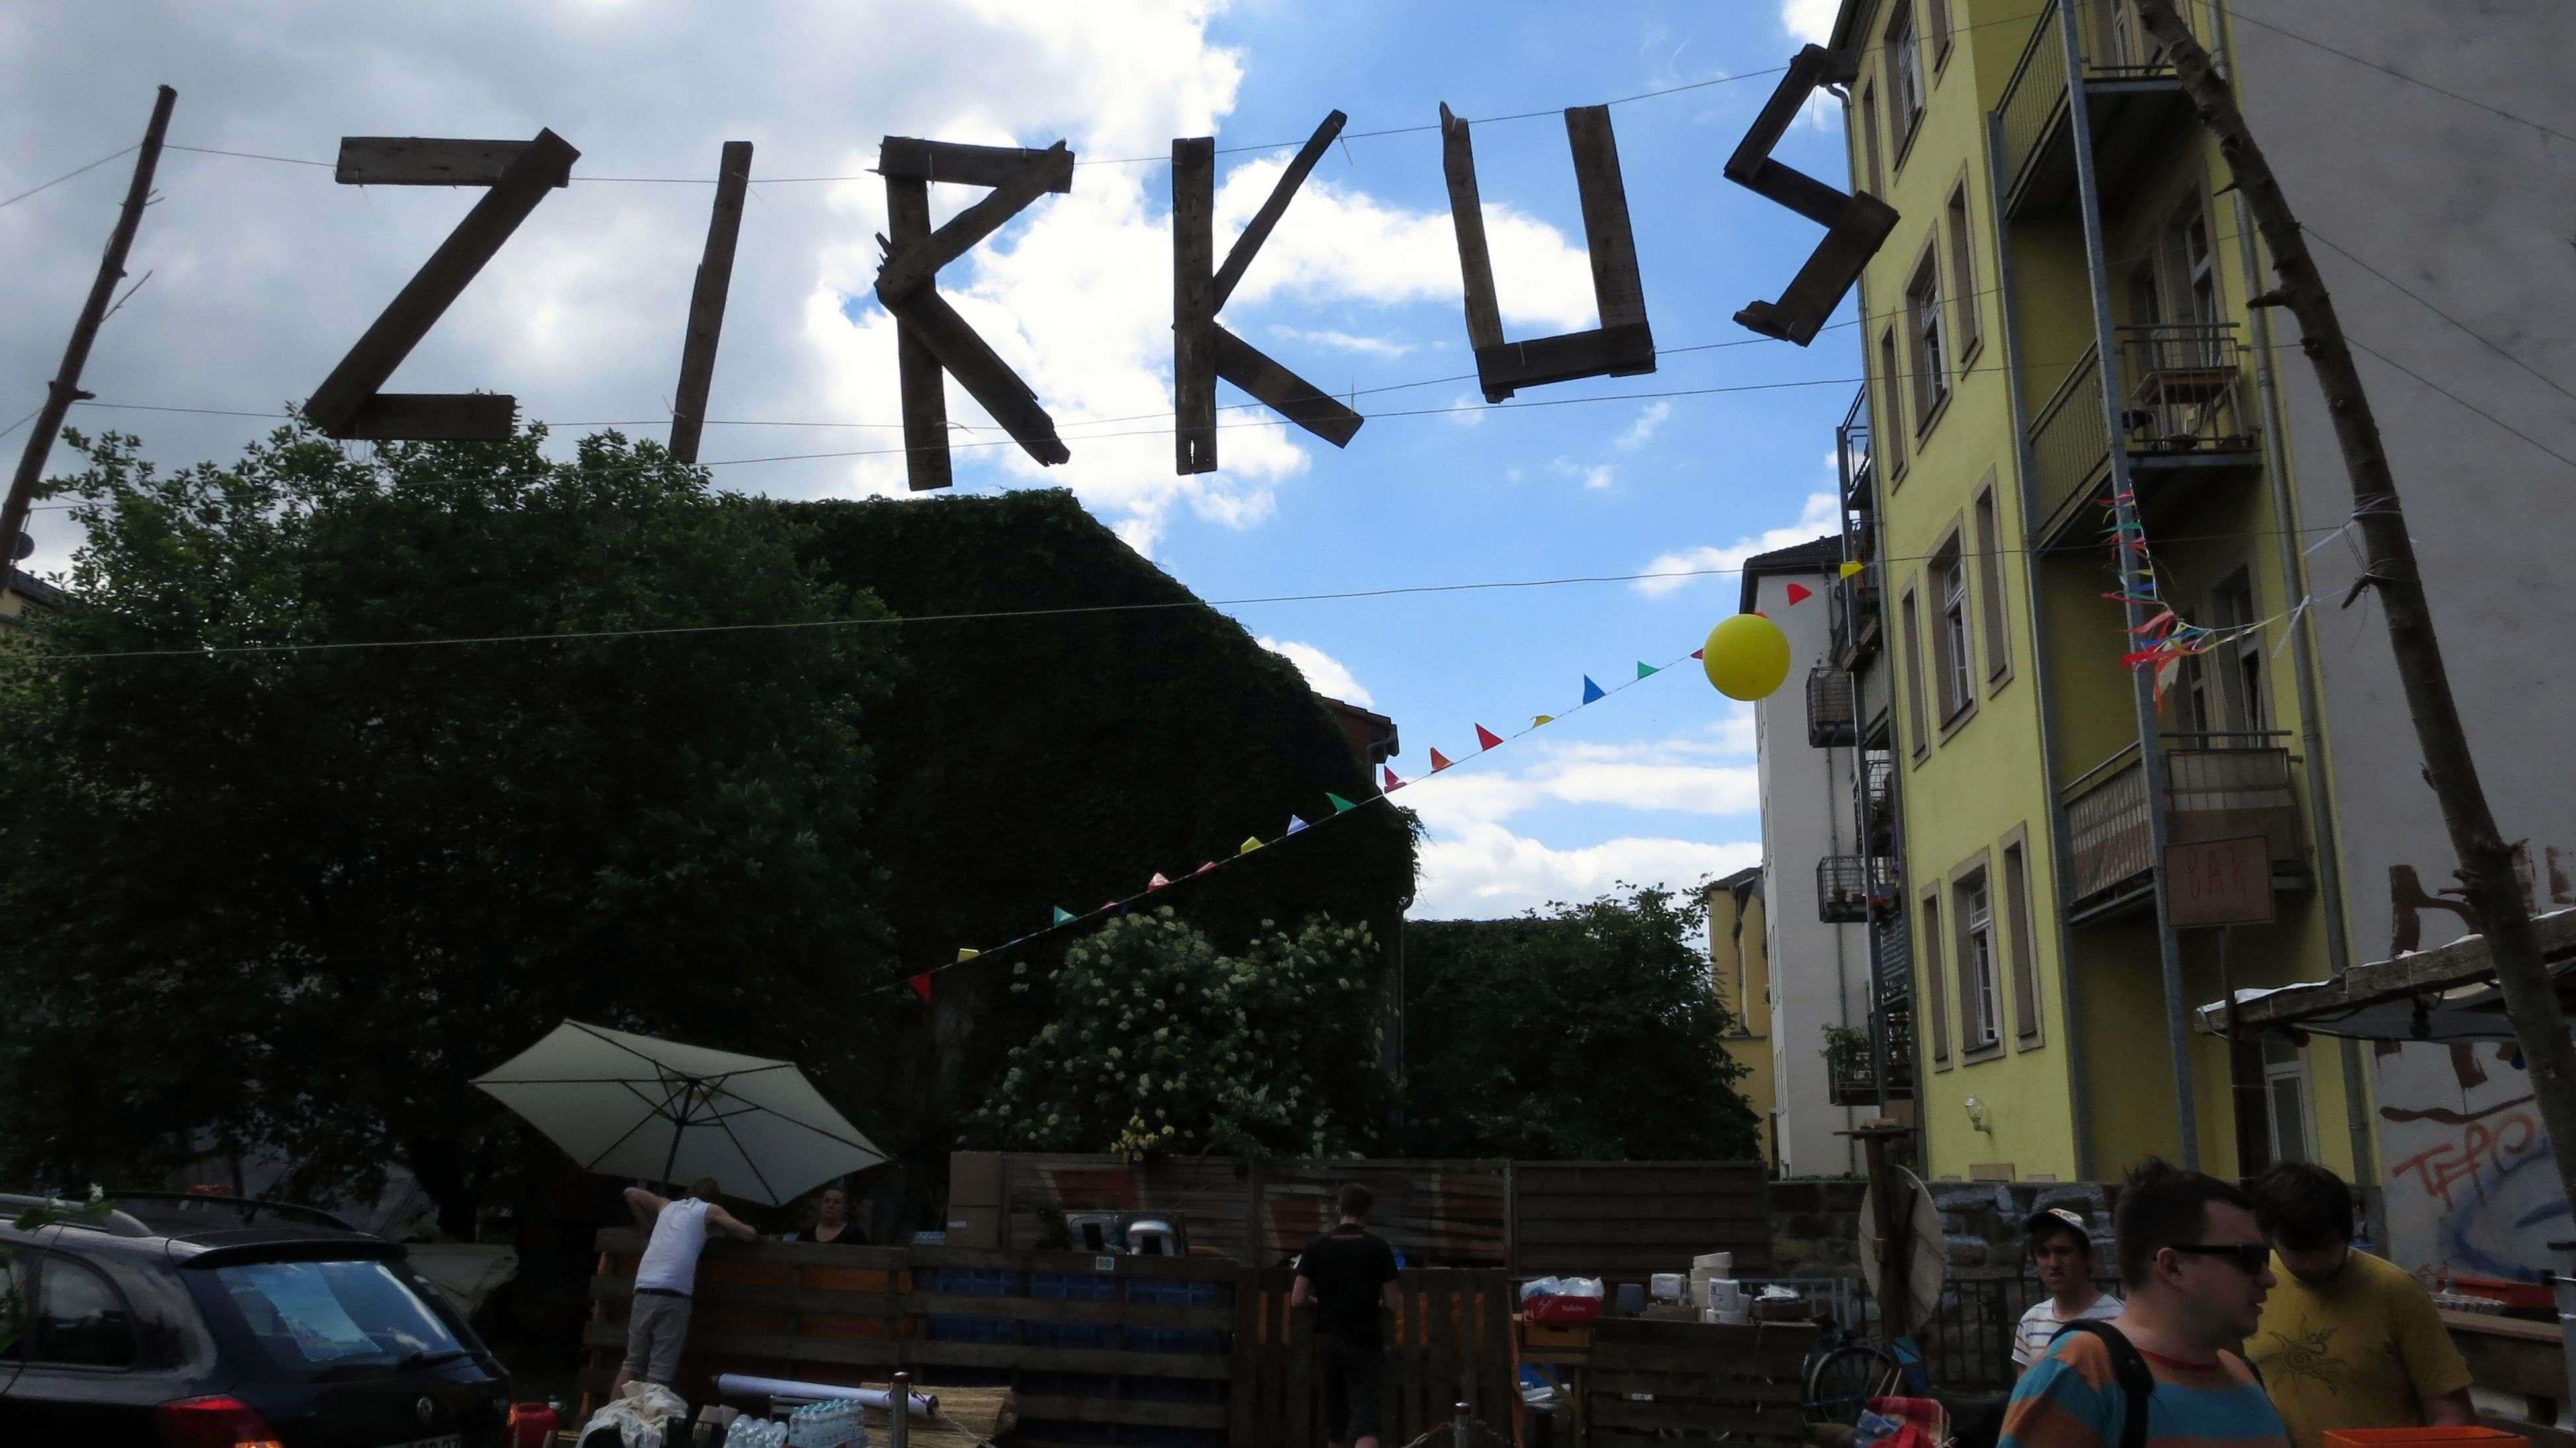 Neu: Auf dem Parkplatz Sebnitzer/Alaunstraße gibt es Zirkus